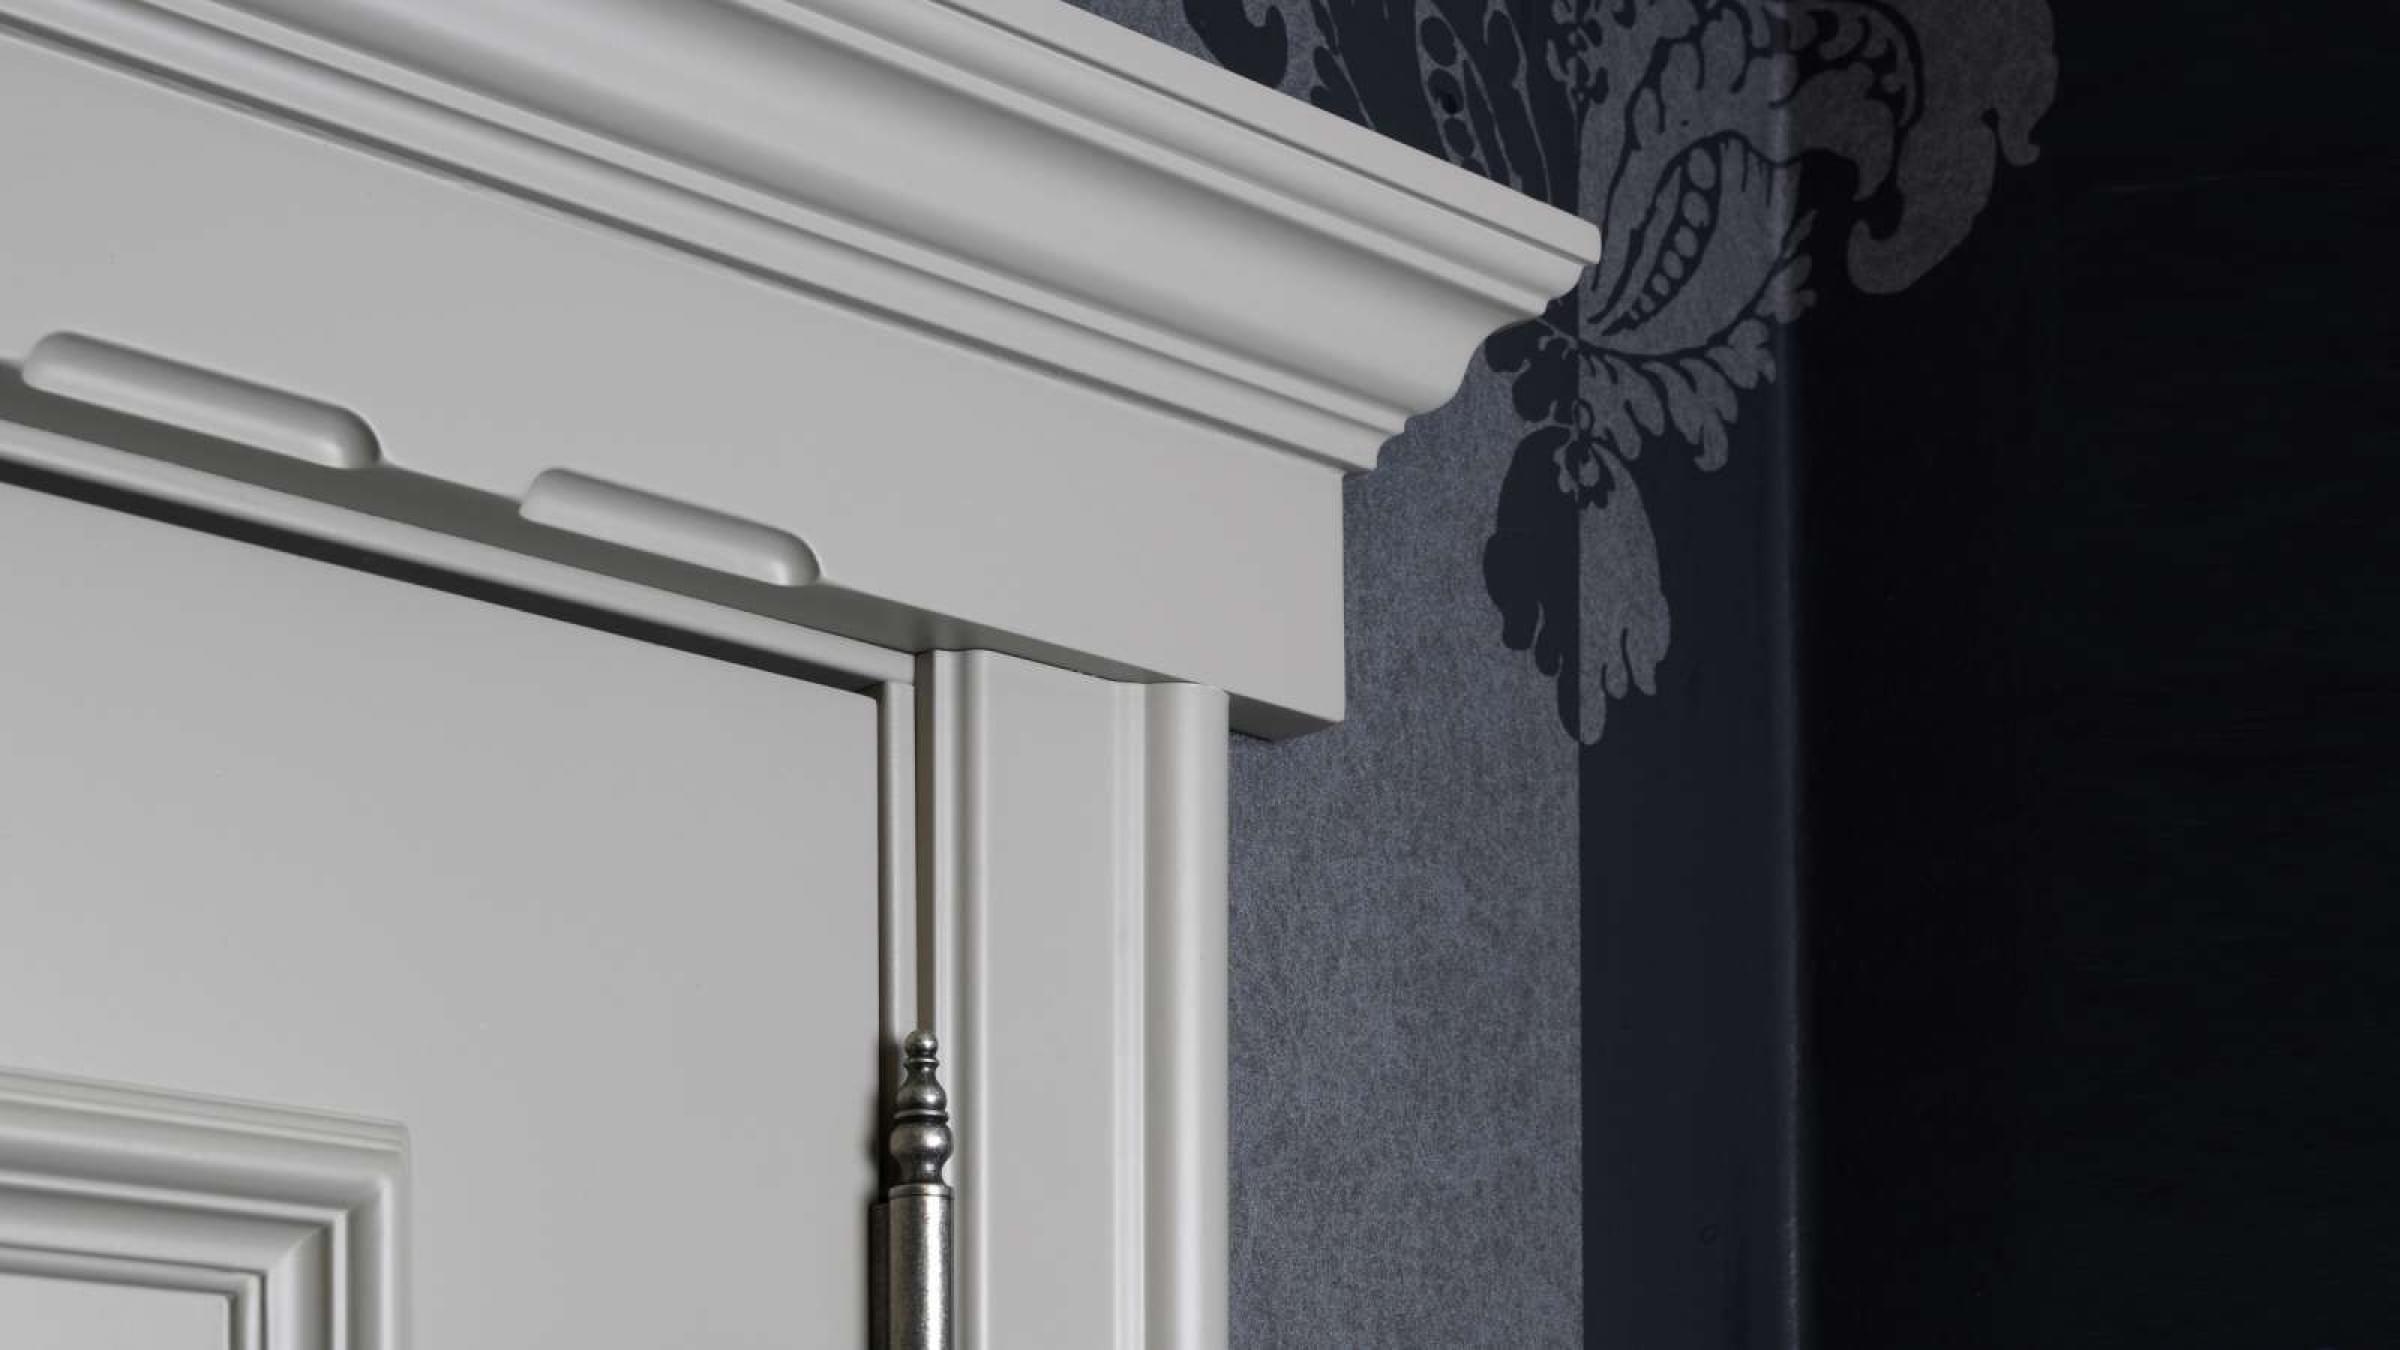 nordex-klassieke-deuren-karakter-2400